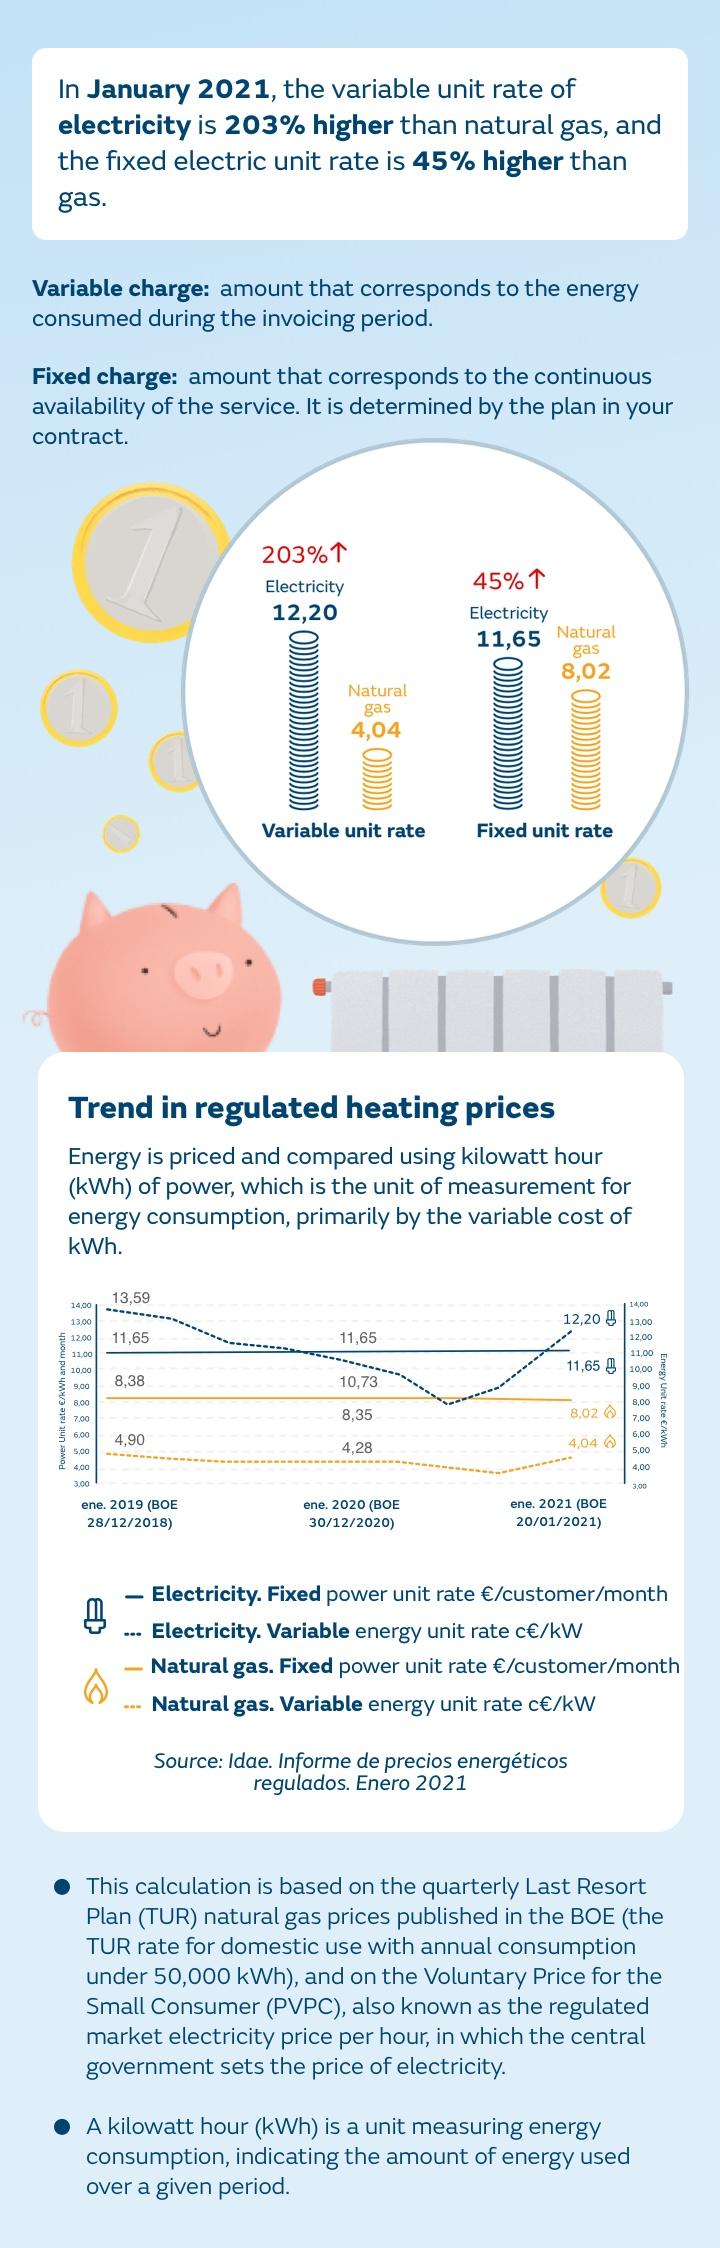 Comparativa evolución precios gas natural vs electricidad